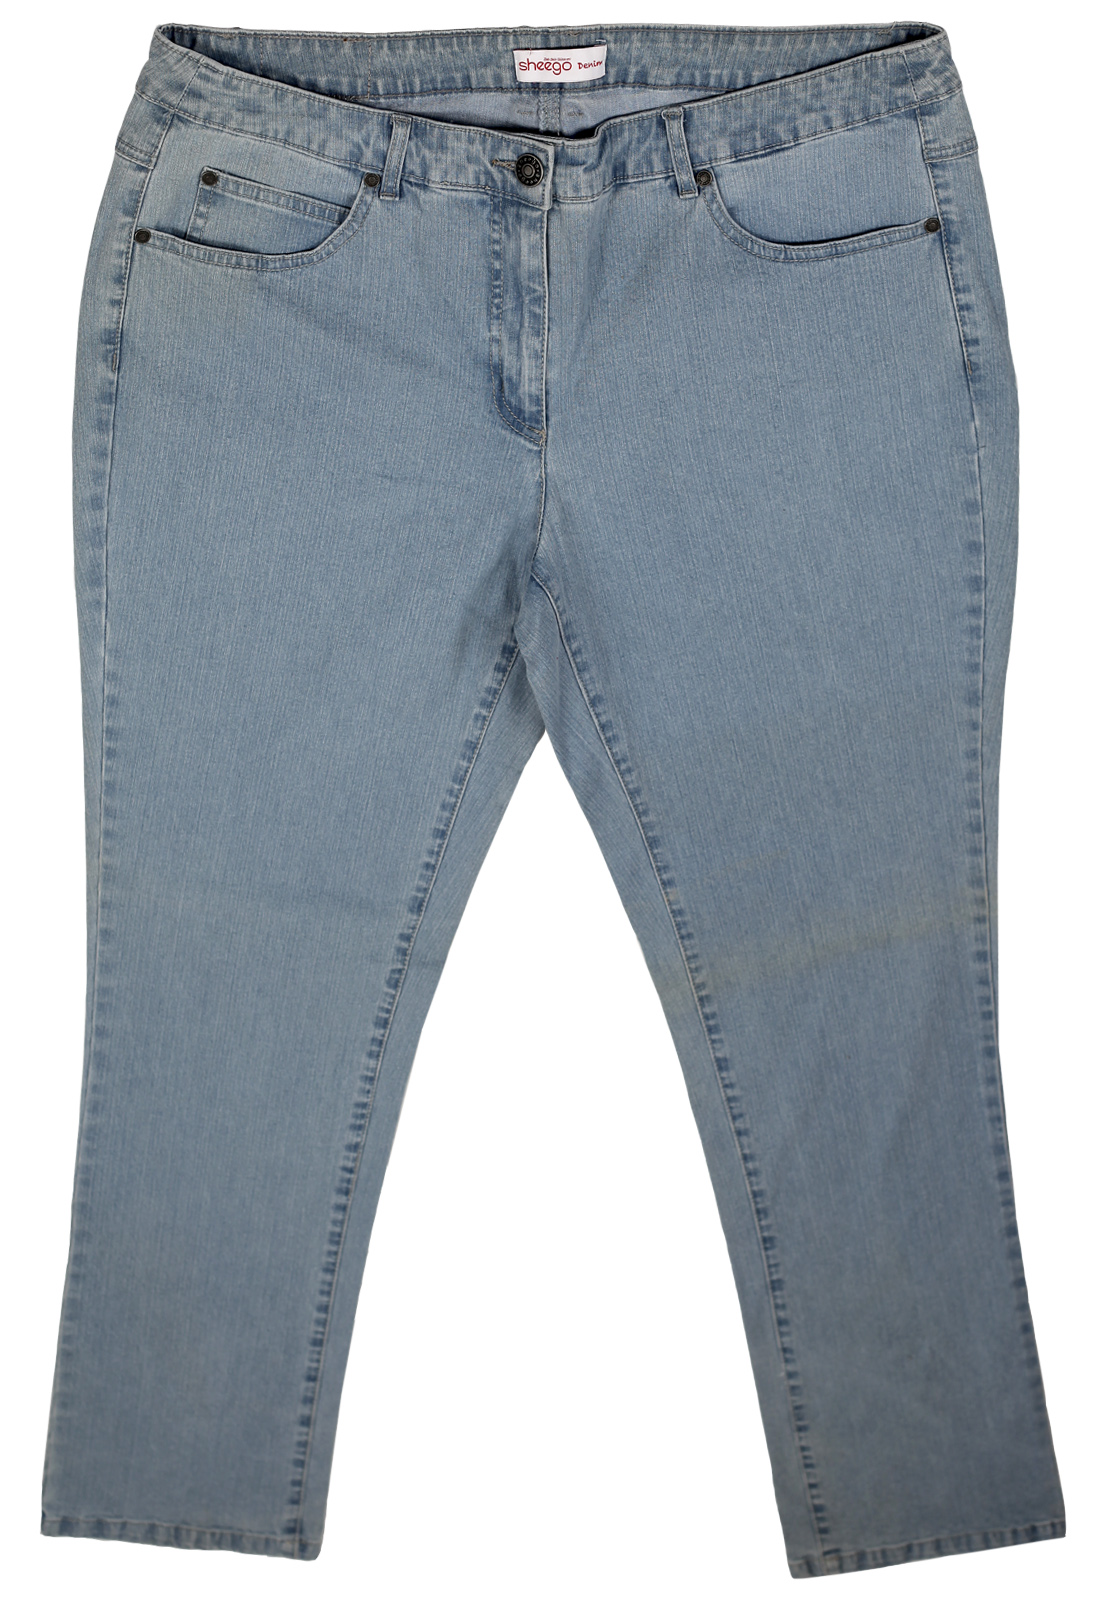 Однотонные джинсы Sheego Denim. Прямо из Германии!